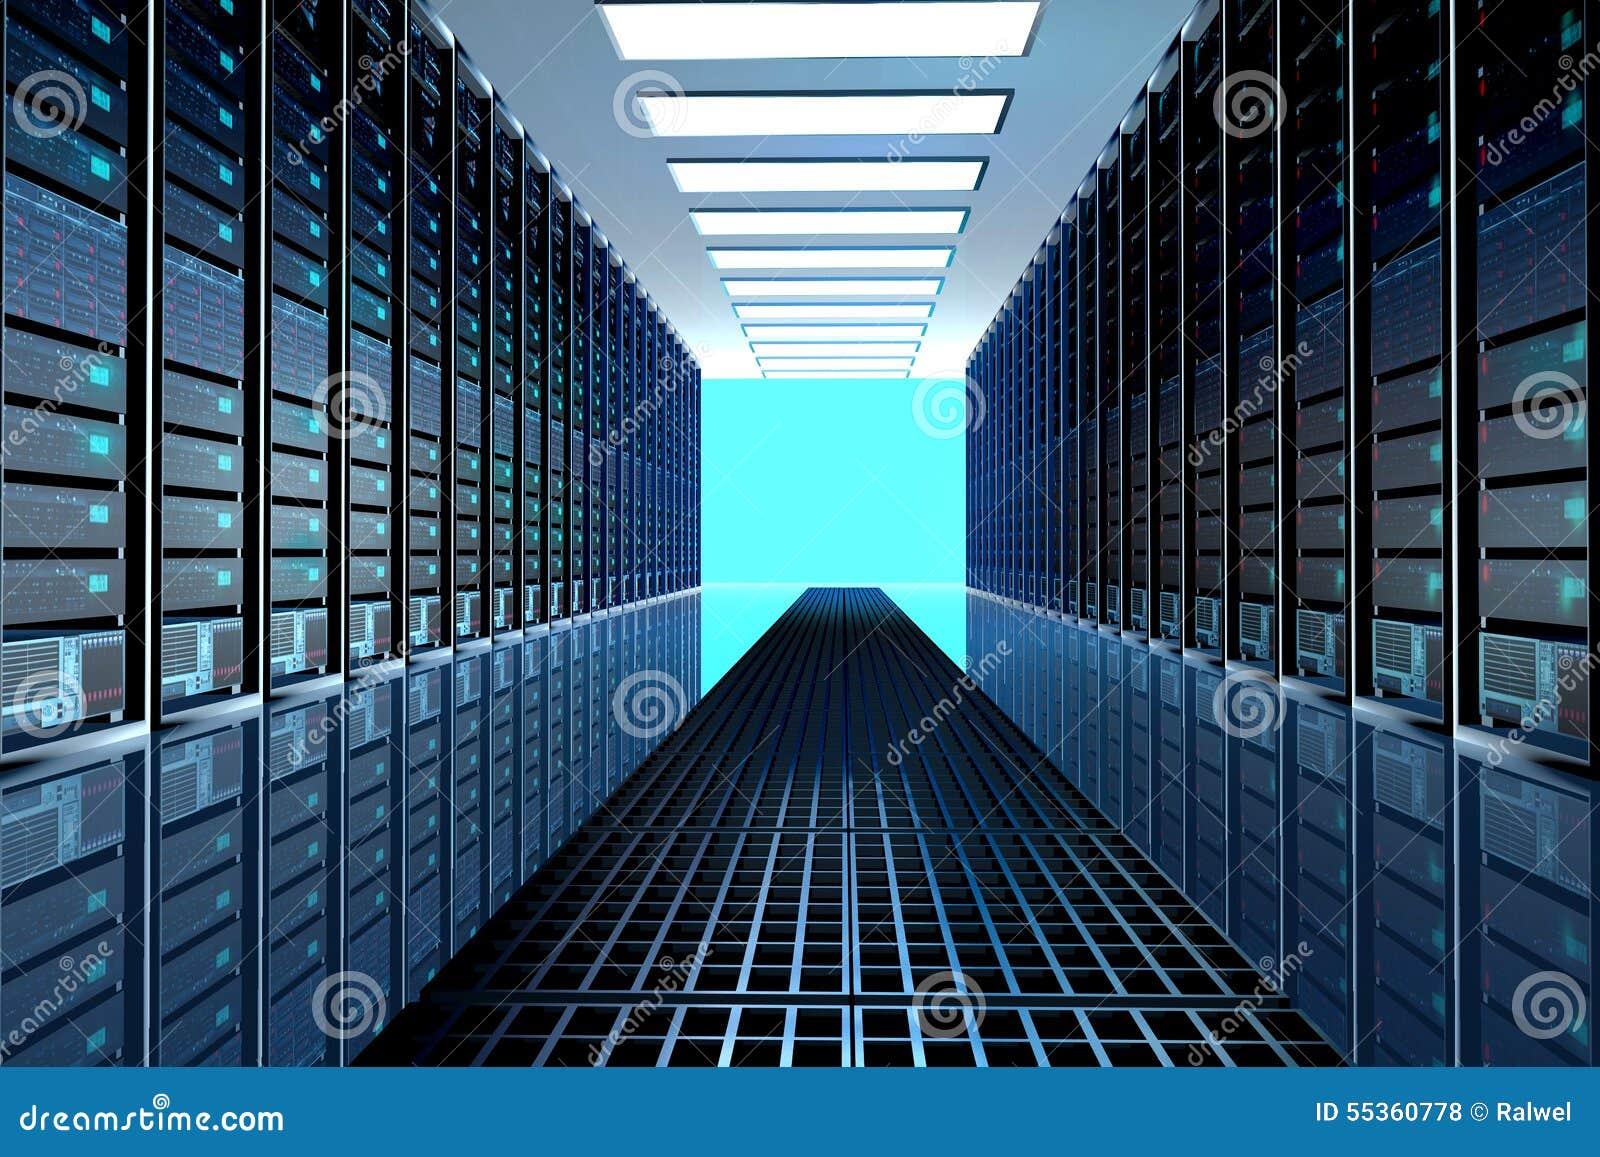 Stanza in centro dati, stanza del server fornita di server di dati